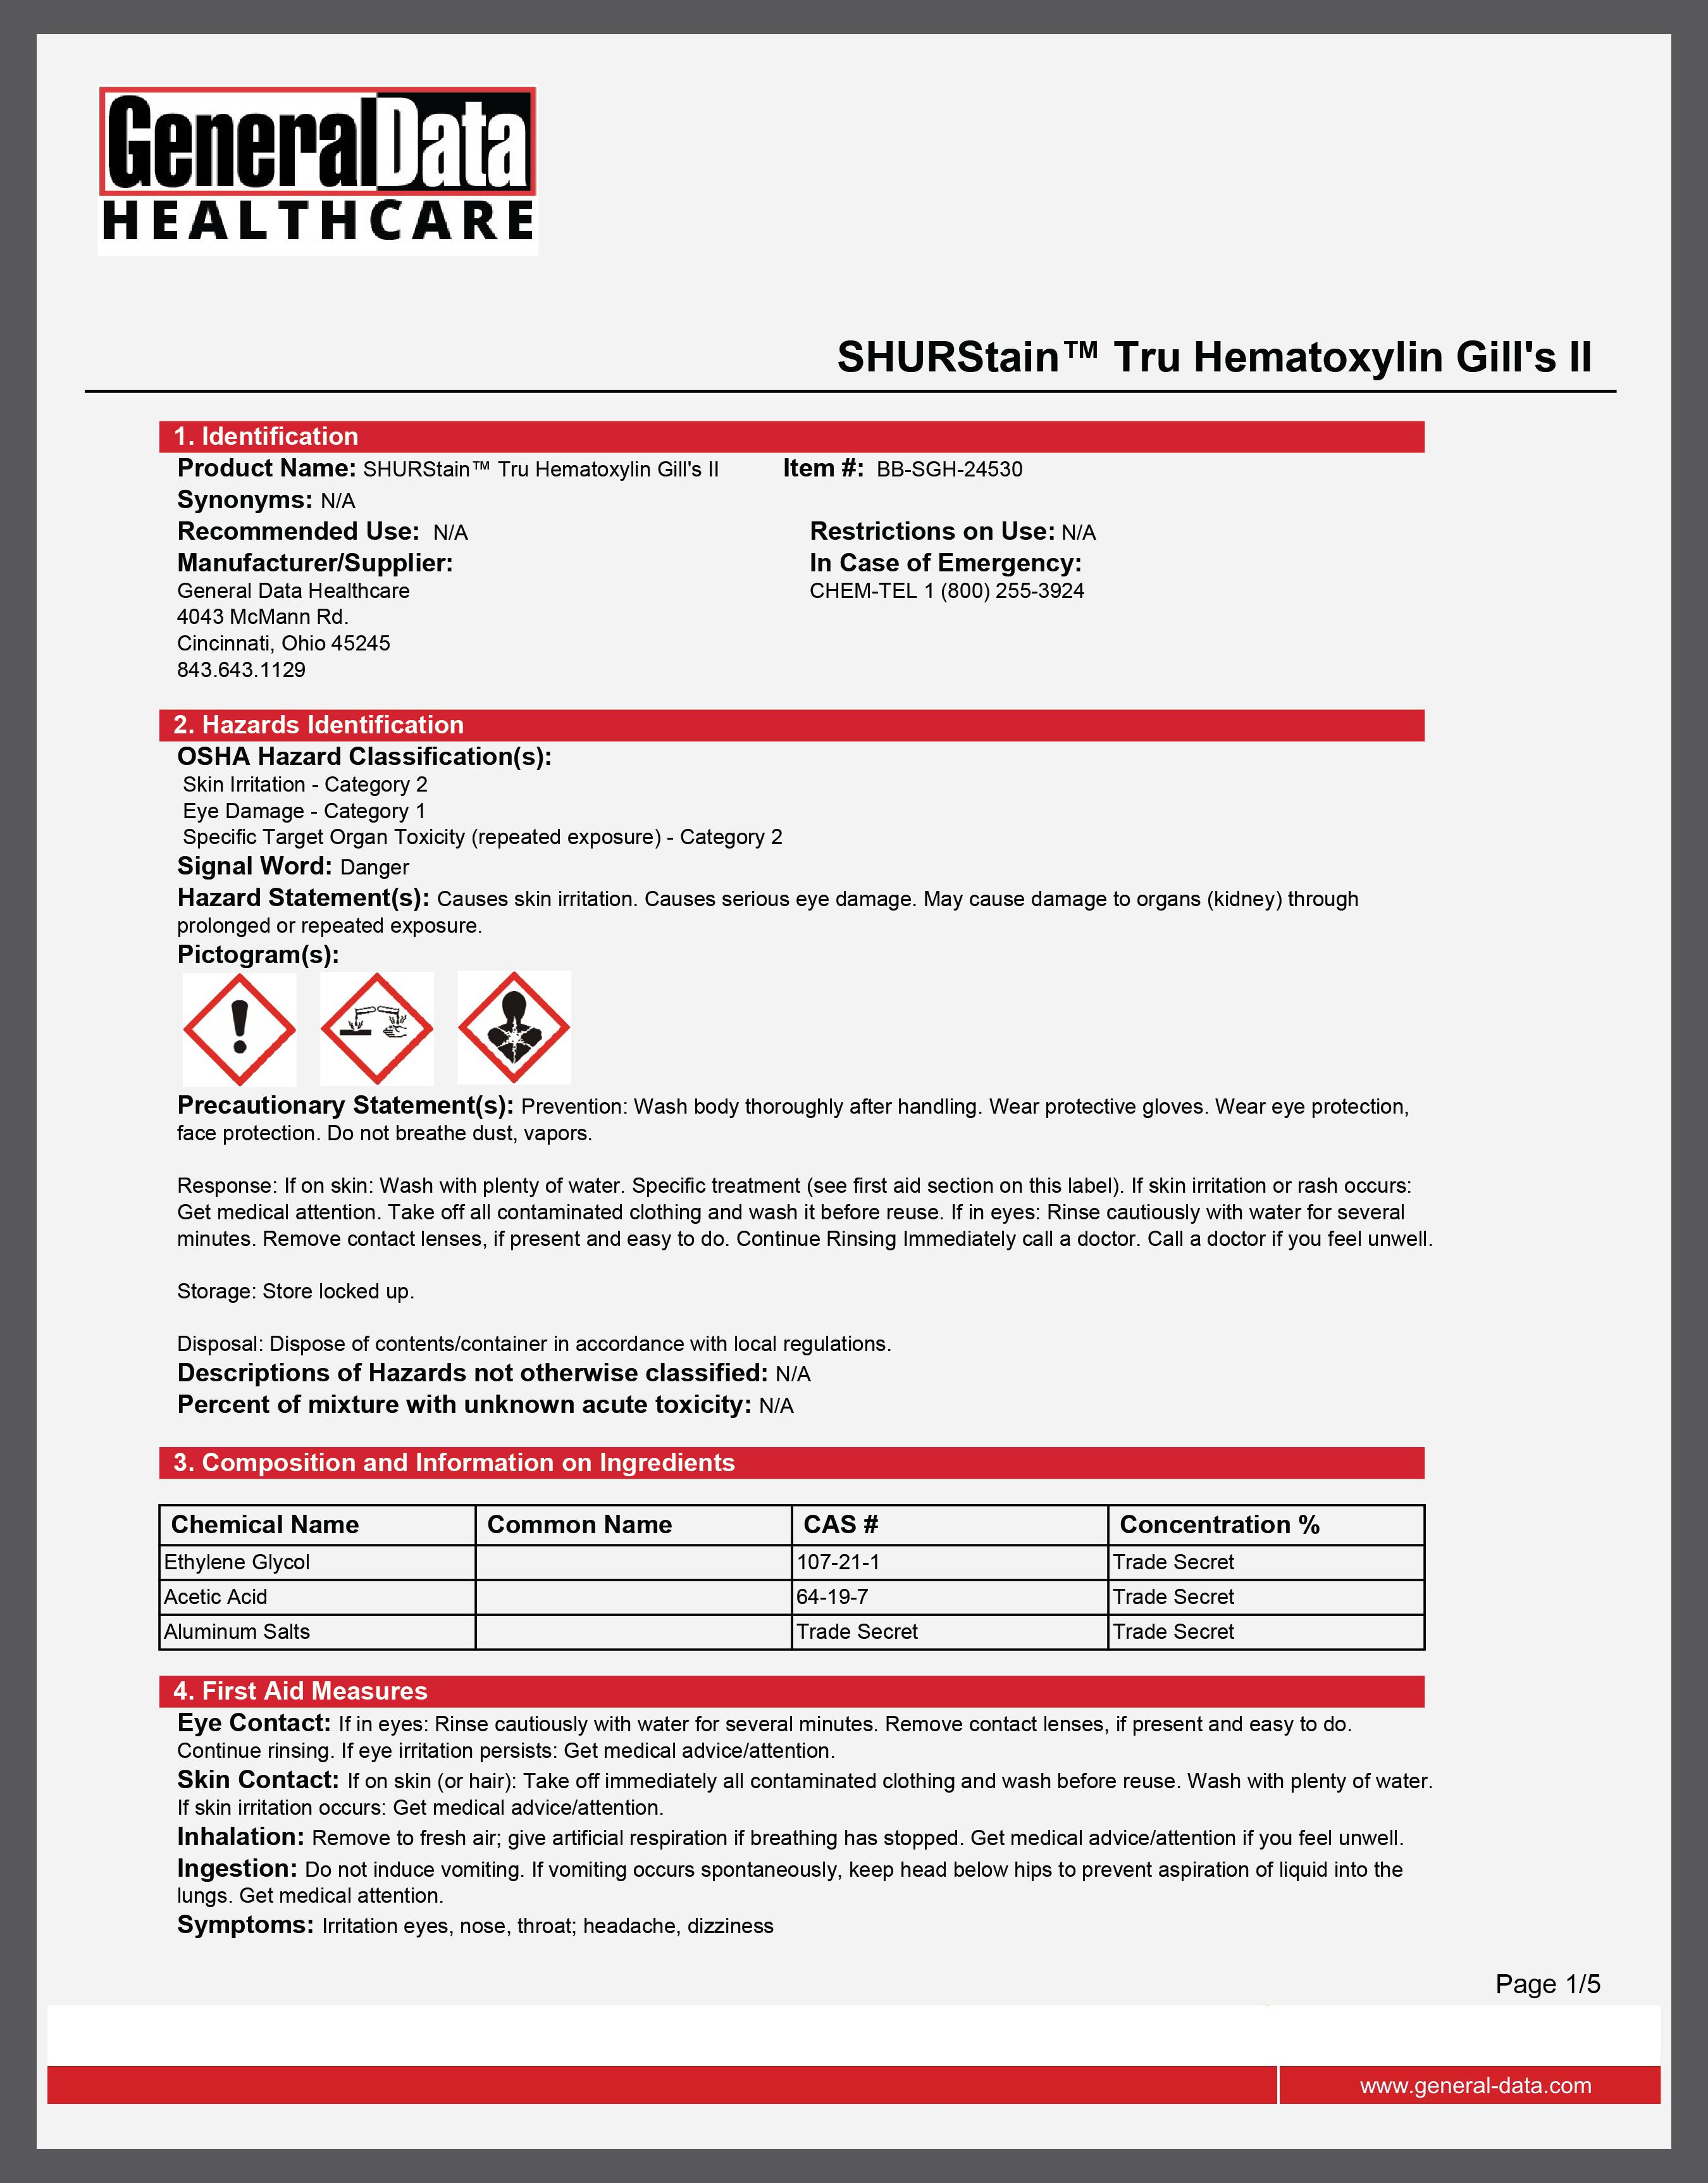 SHURStain Tru Hematoxylin Gill's II Safety Data Sheet